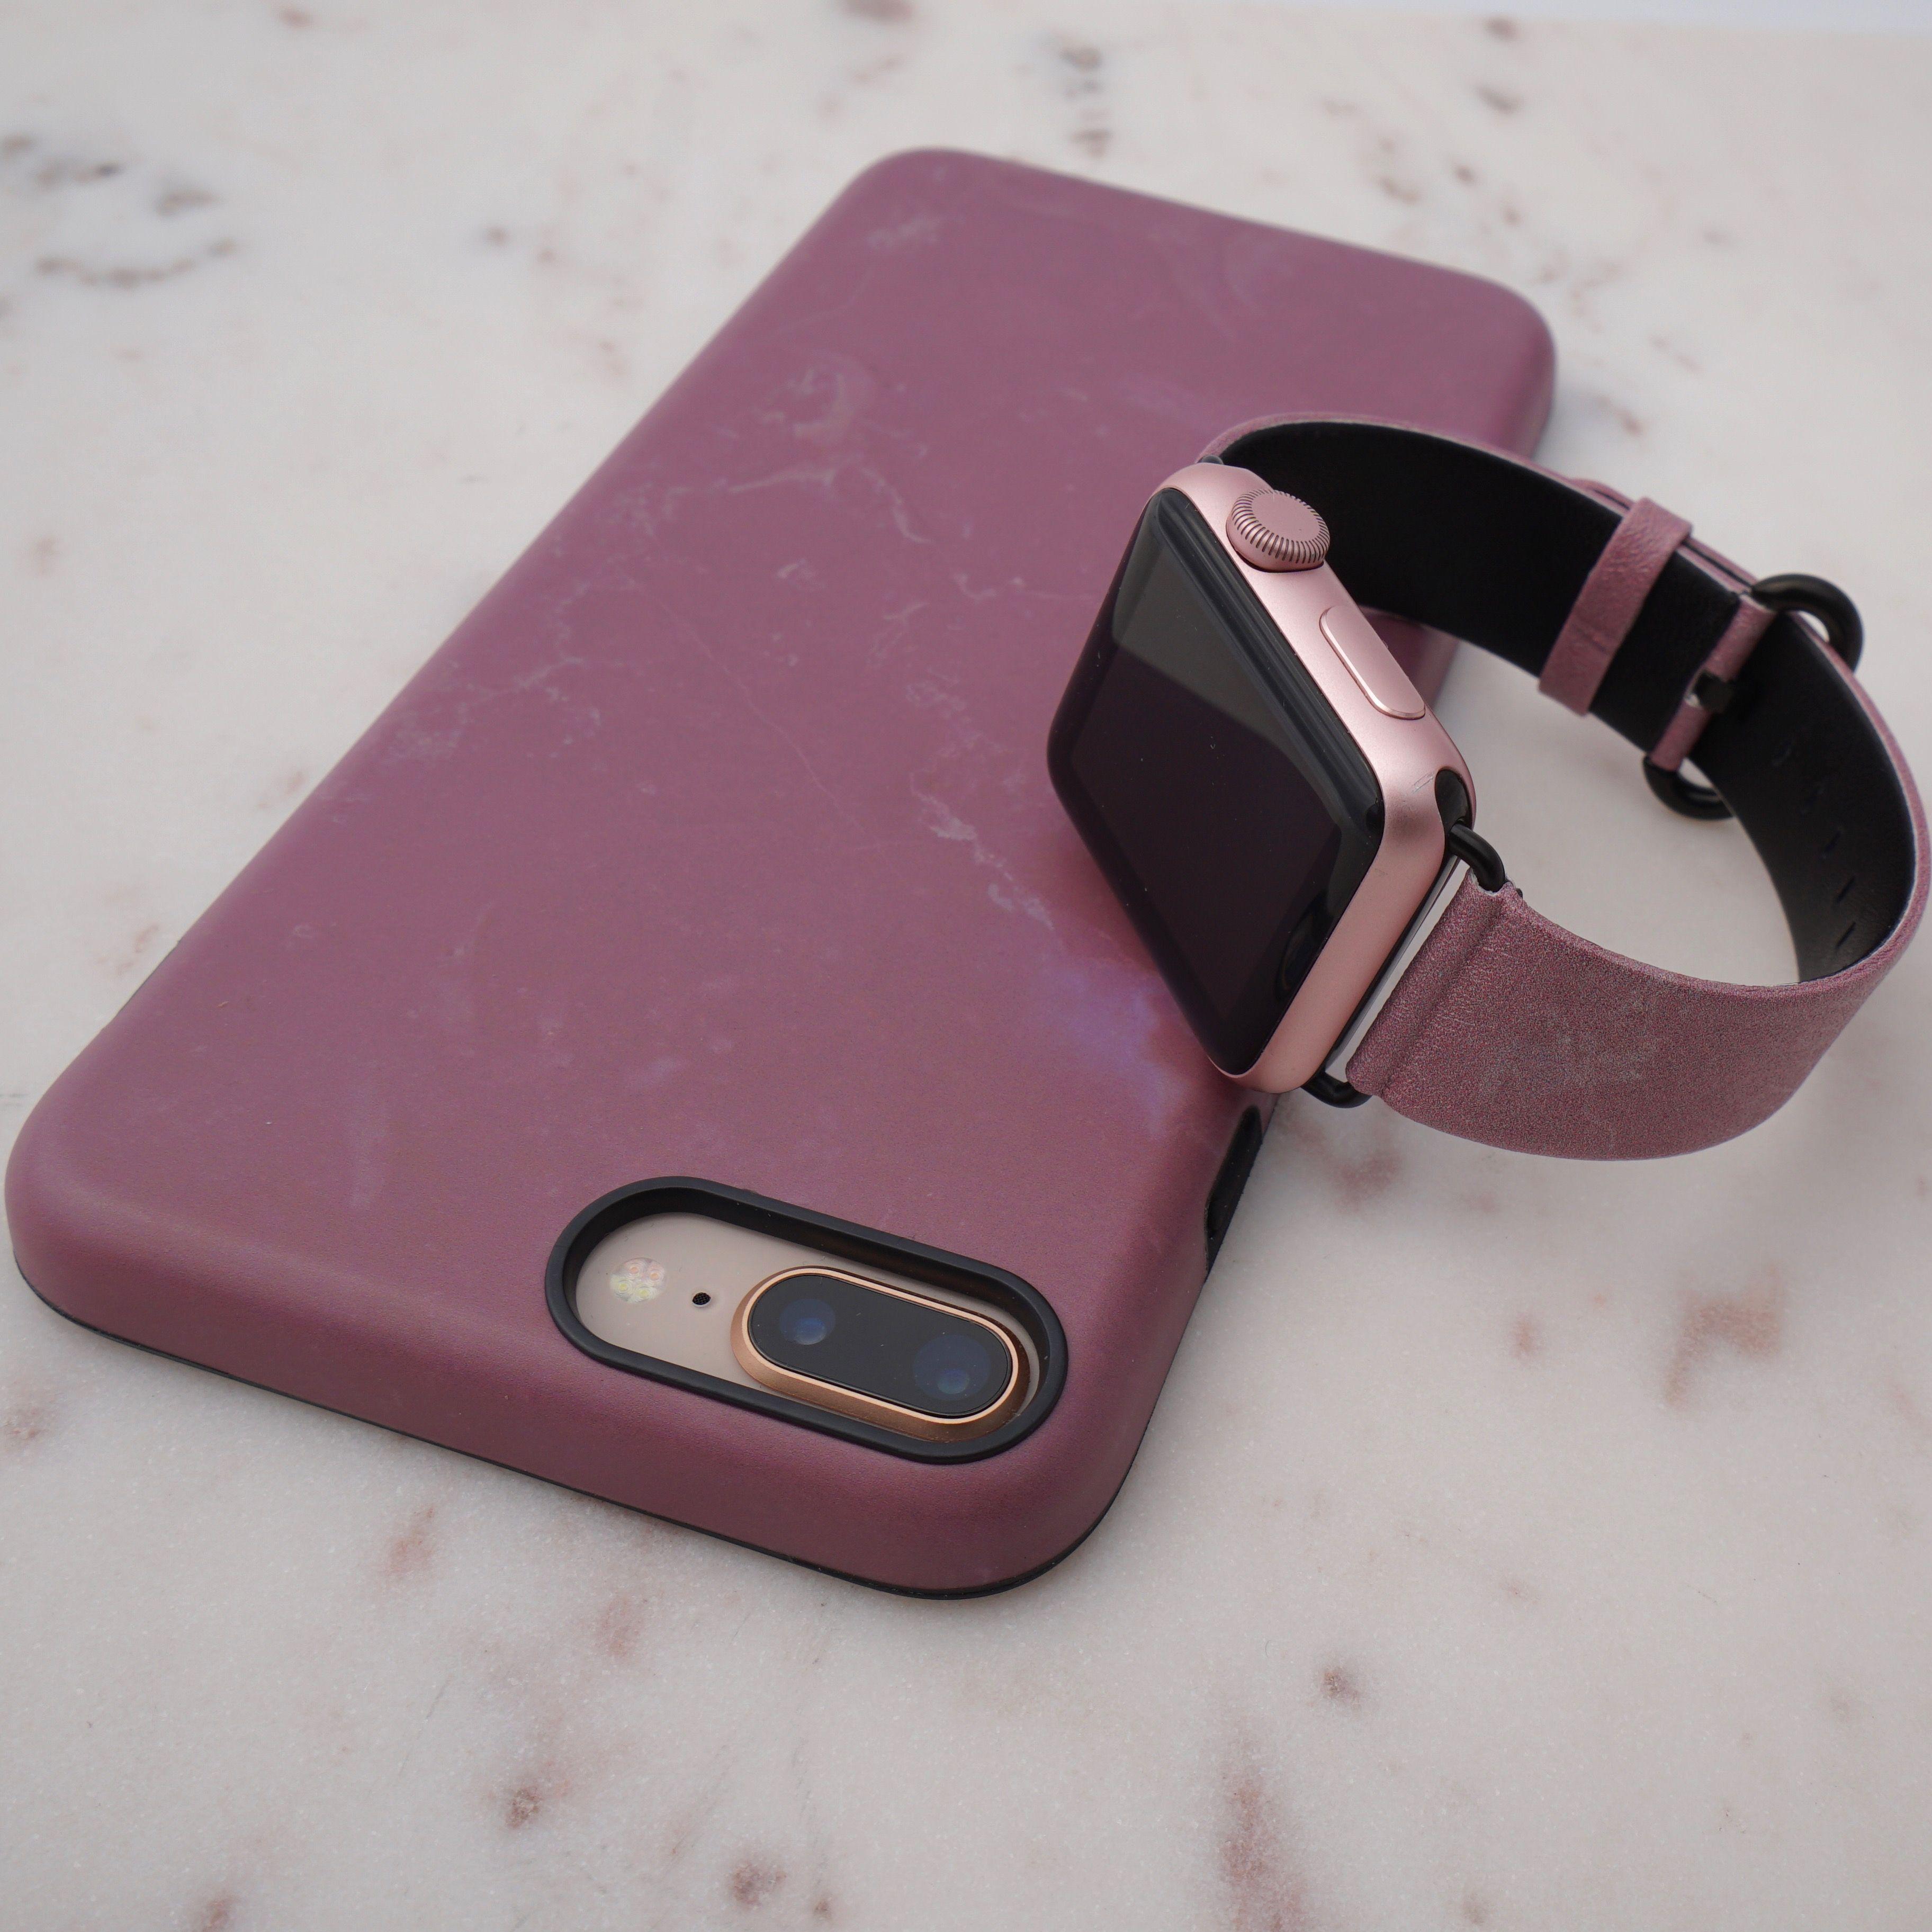 Custodia Smartphone Applica Nuovo Modello Iphonex / 7/8 / X / XR